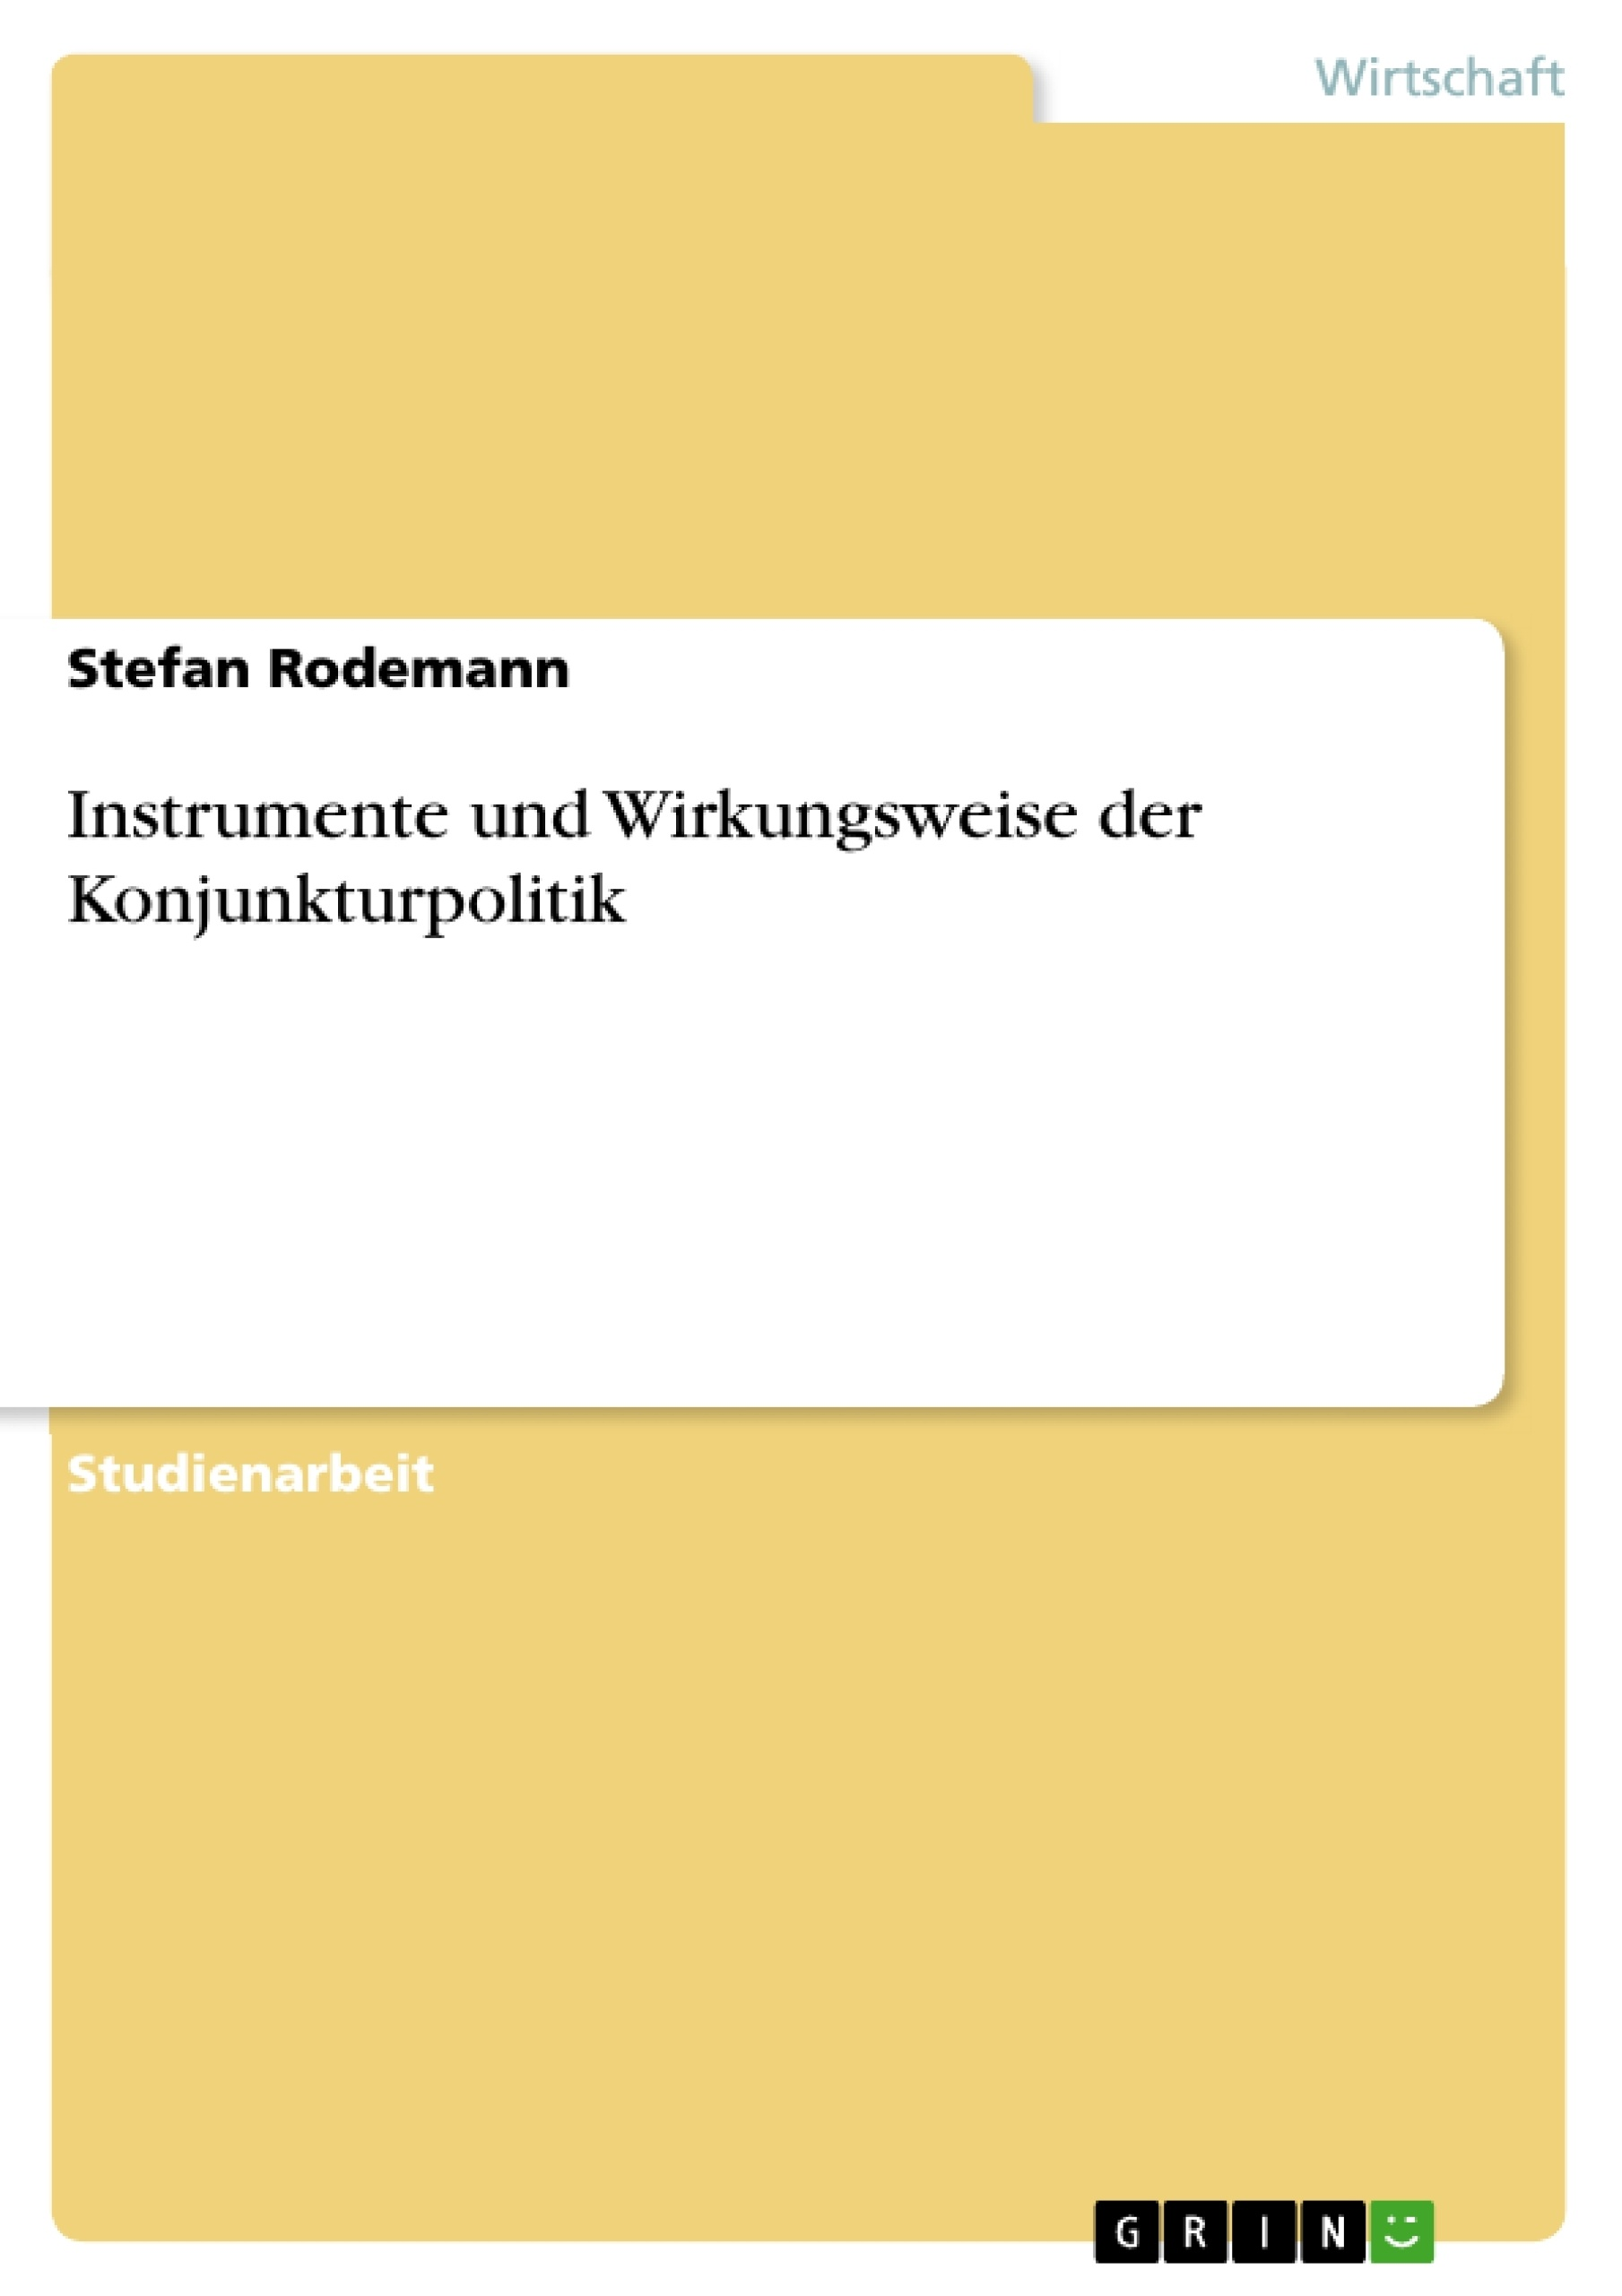 Titel: Instrumente und Wirkungsweise der Konjunkturpolitik